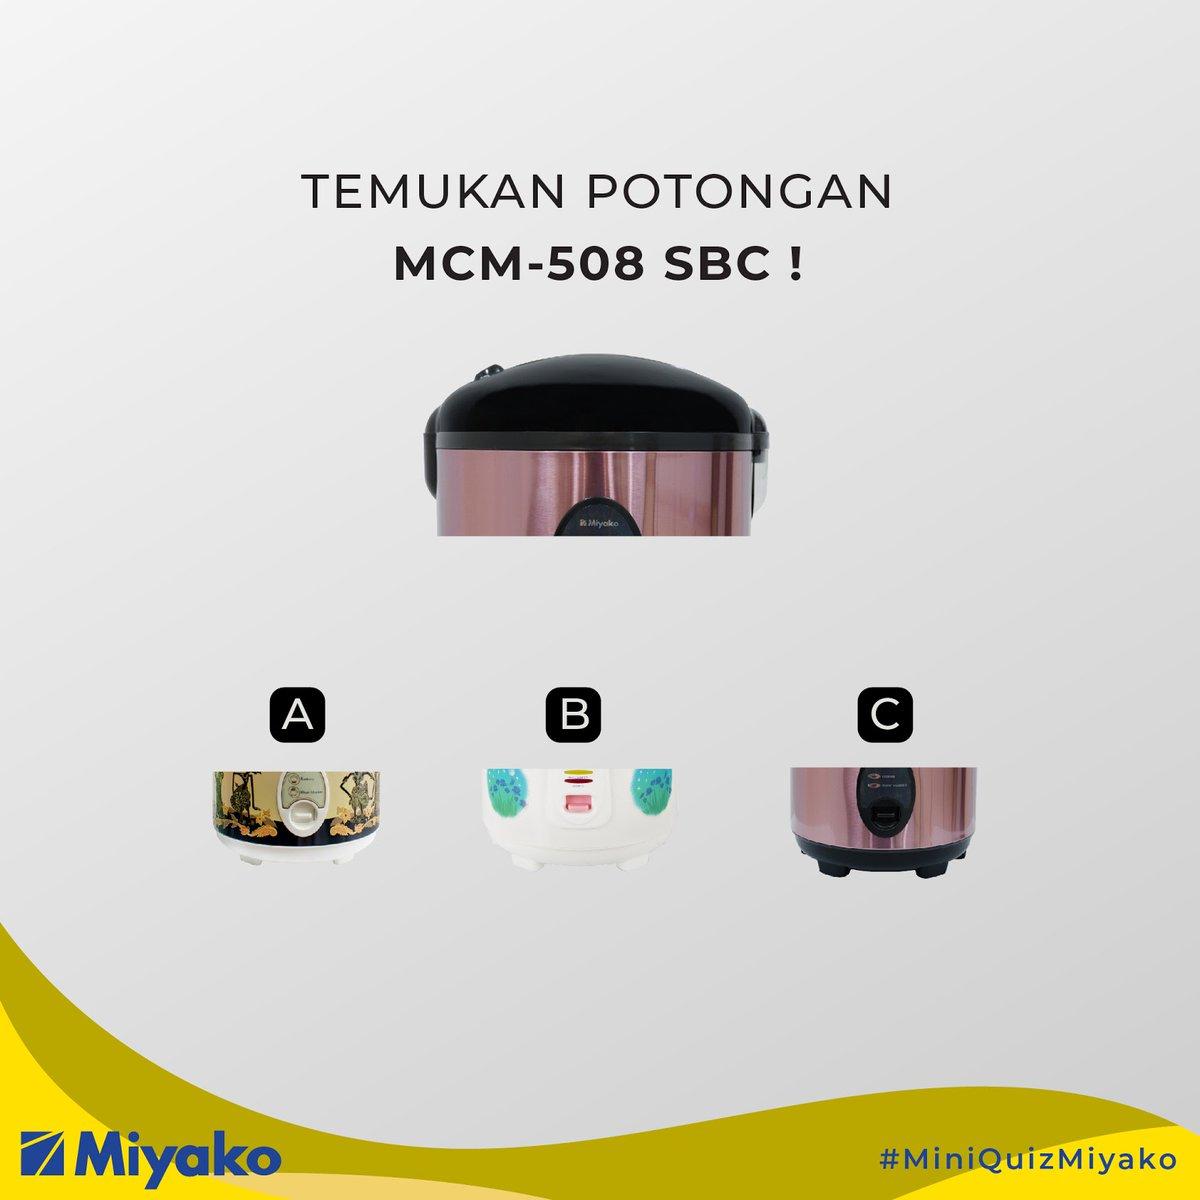 Tulis jawaban kamu dengan format (Nama Asli Lengkap) spasi (Kota) spasi (Jawaban) spasi (Keunggulan MCM-508 SBC) spasi hashtag #MIYAKOdulu #MiyakoMagicWarmerPlus #MiniQuizMiyako serta jangan lupa tag 3 orang temanmu.